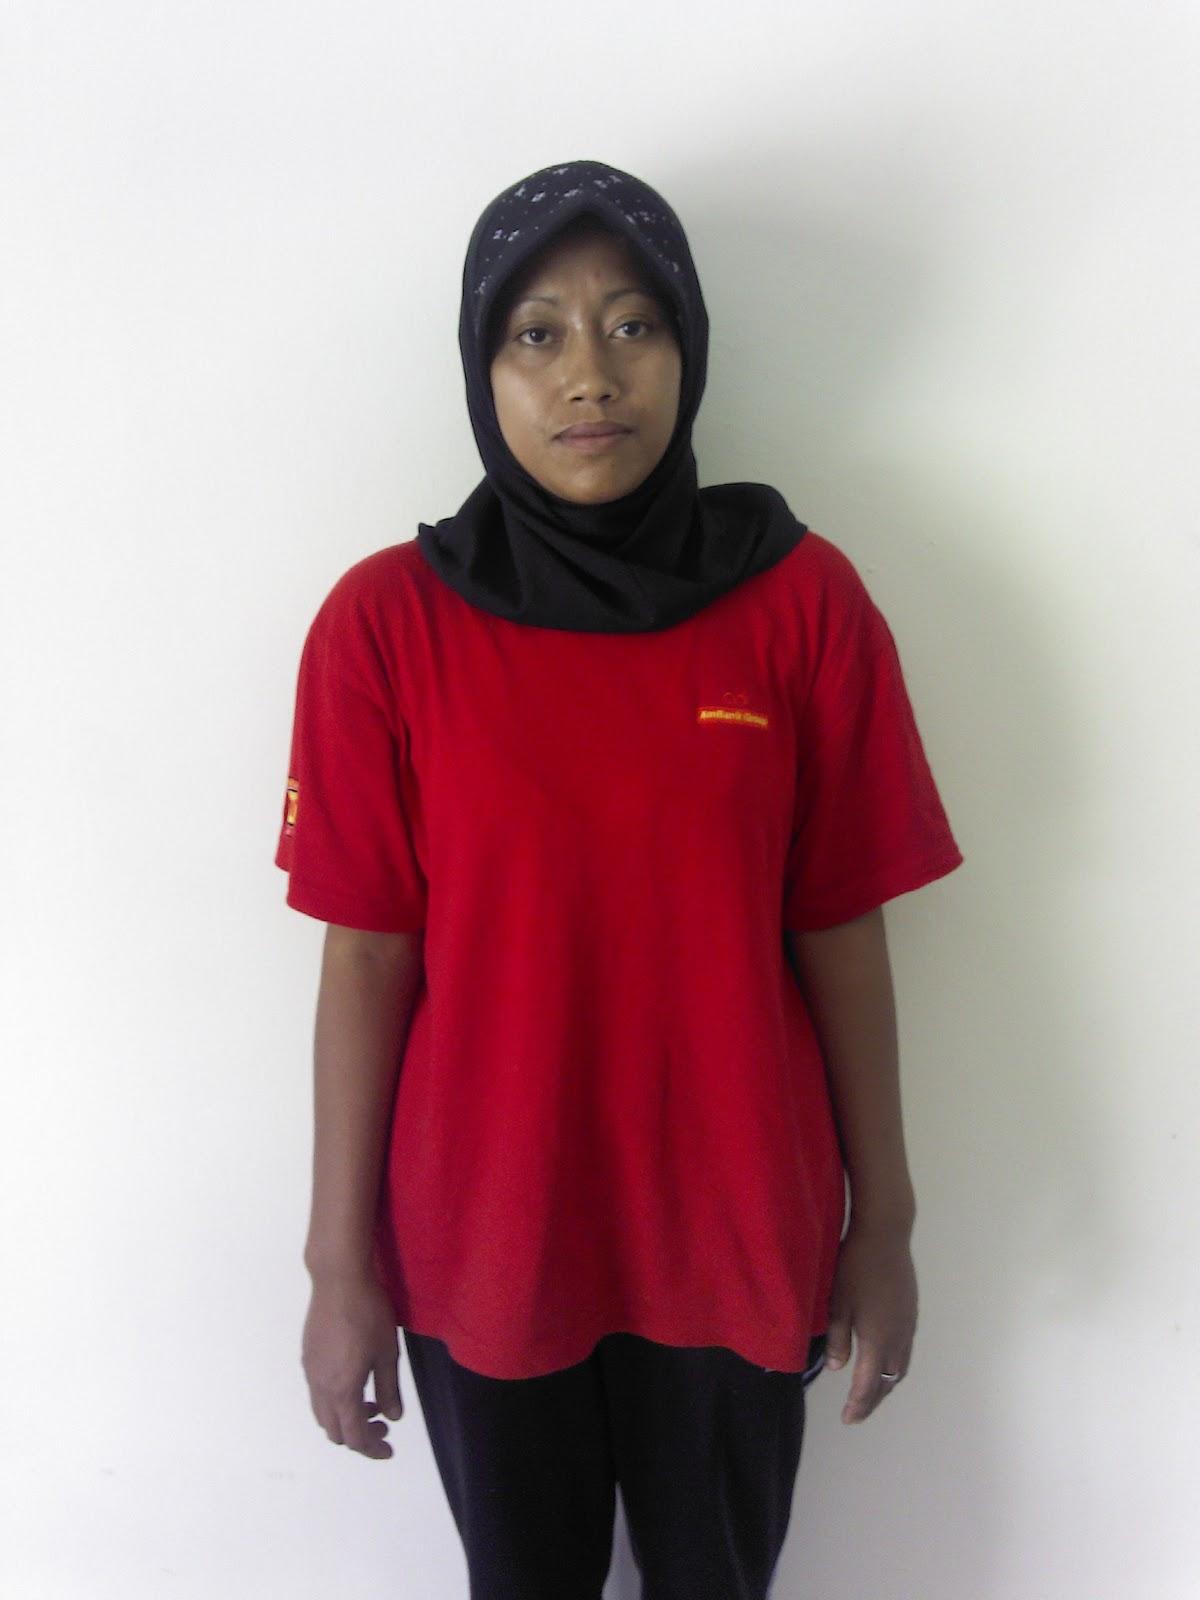 Indon maid from jawa tengah fantasy 3